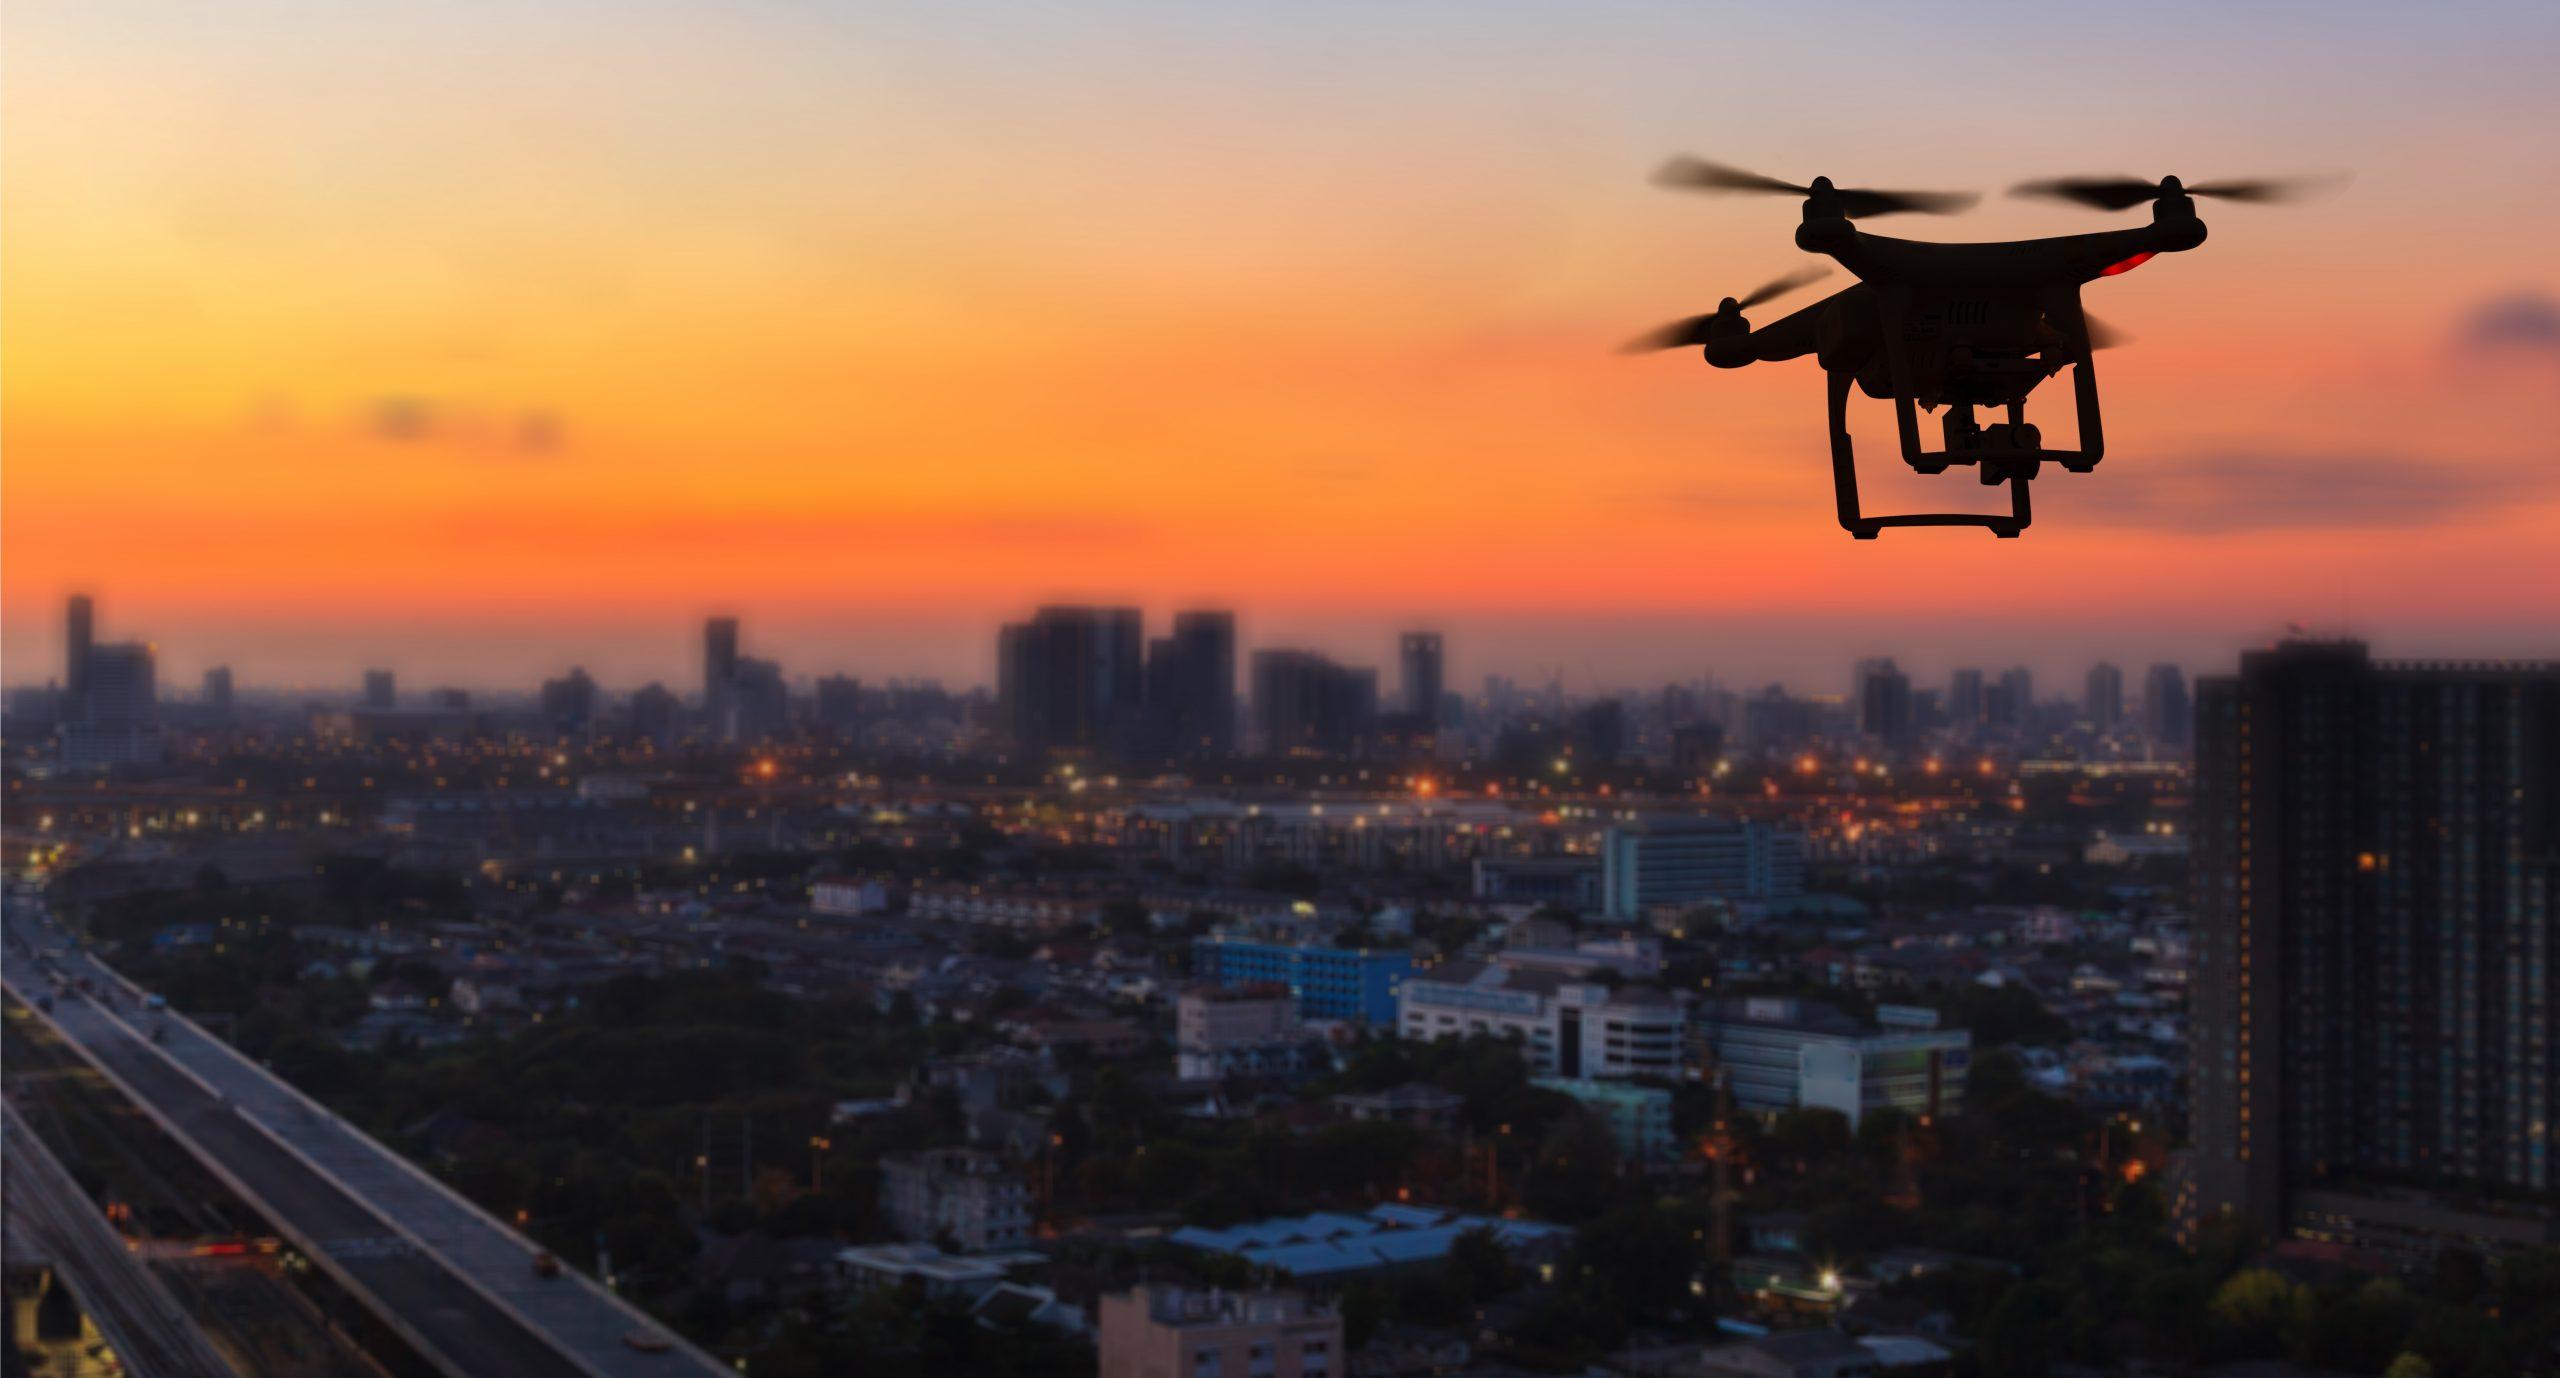 fotografia stock con drone